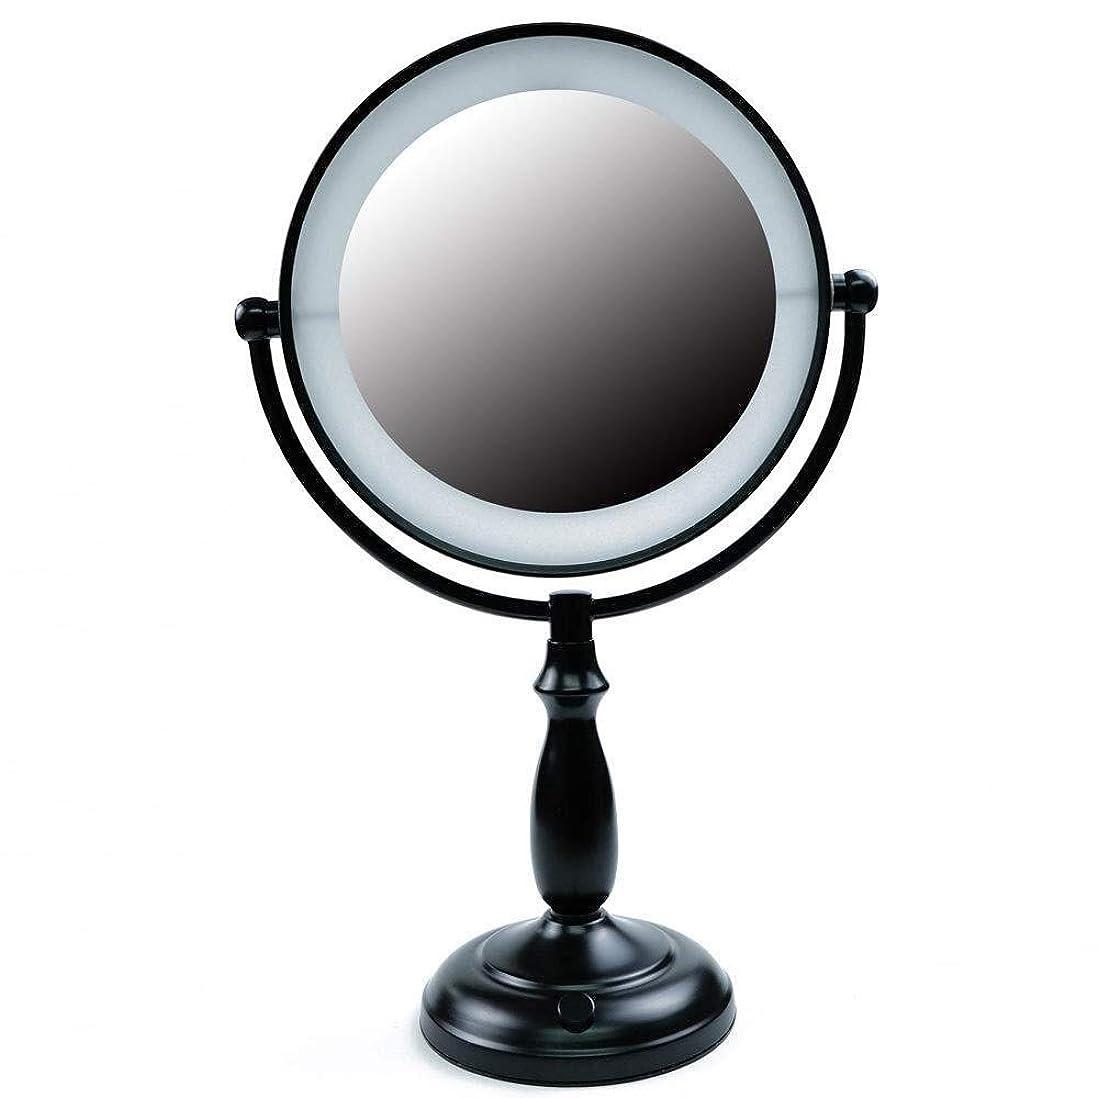 砲撃虹過度のZXCVBNM 照明付き化粧鏡7.5インチ化粧鏡倍率1倍/ 10倍拡大鏡ダブルナチュラルホワイトライトコードを運営ライトACアダプターやバッテリーとミラーの両面で